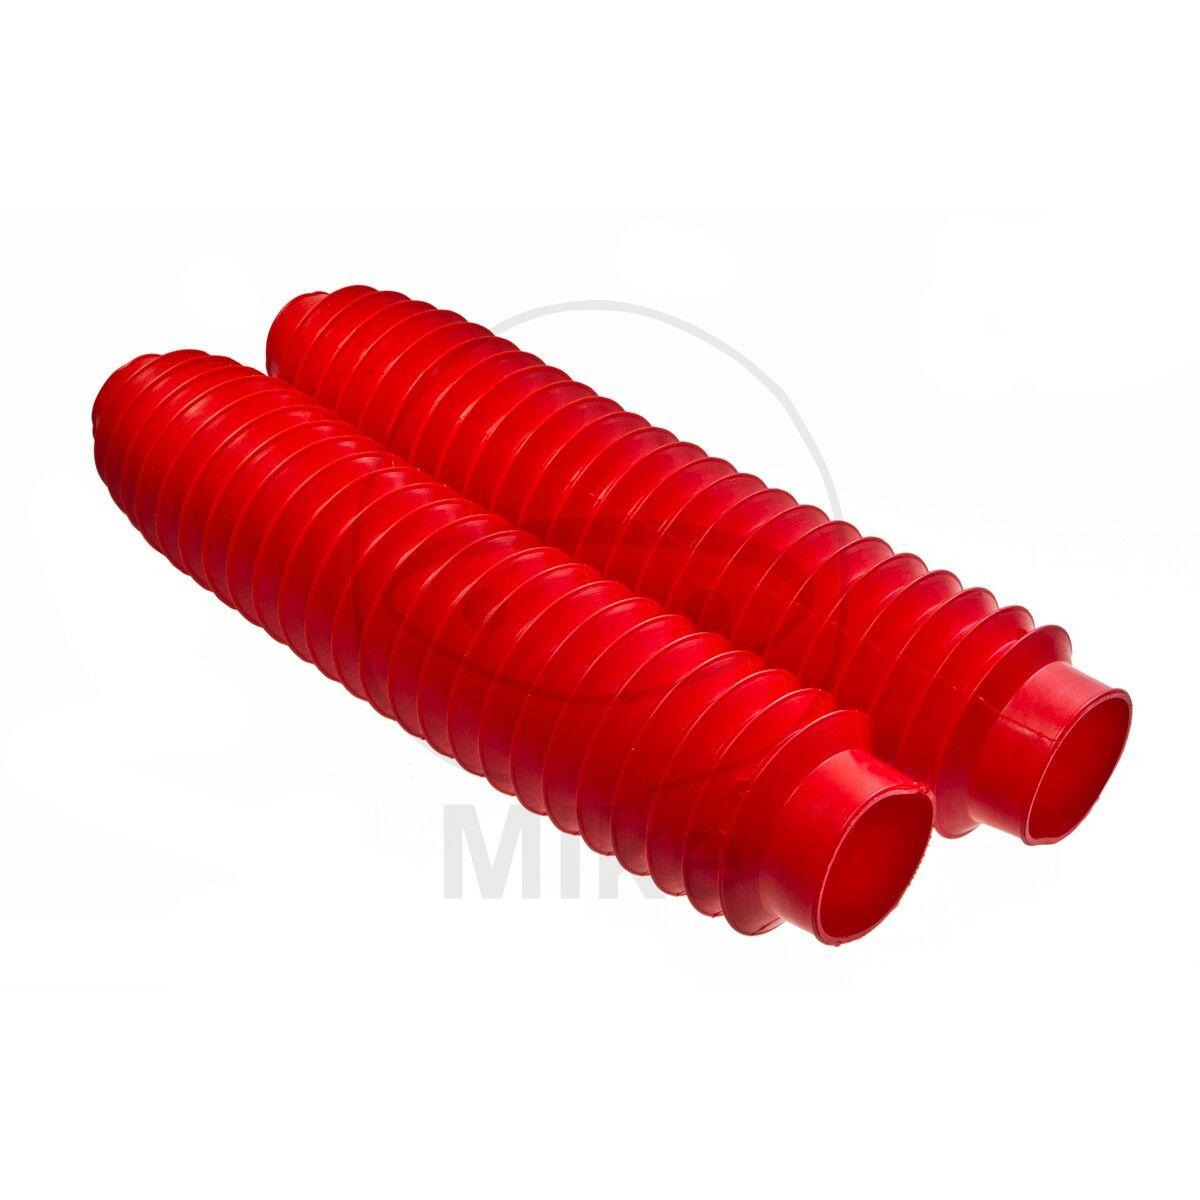 Obrázek produktu Sada krytů přední vidlice ARIETE professional 350 X 40 červená 09932-R